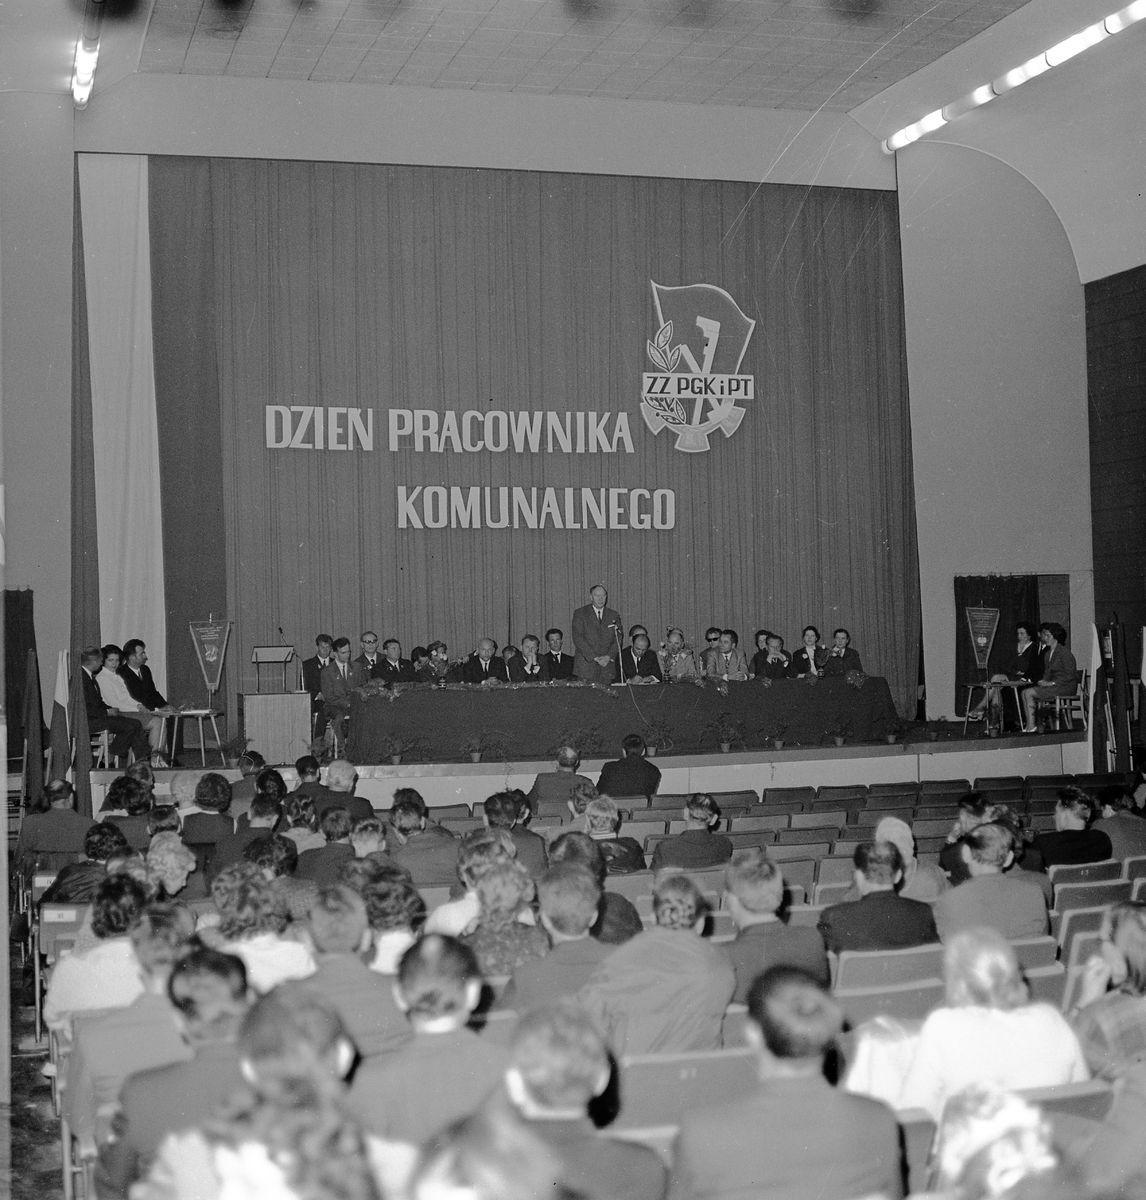 Dzień Pracownika Komunalnego, 1972 r.